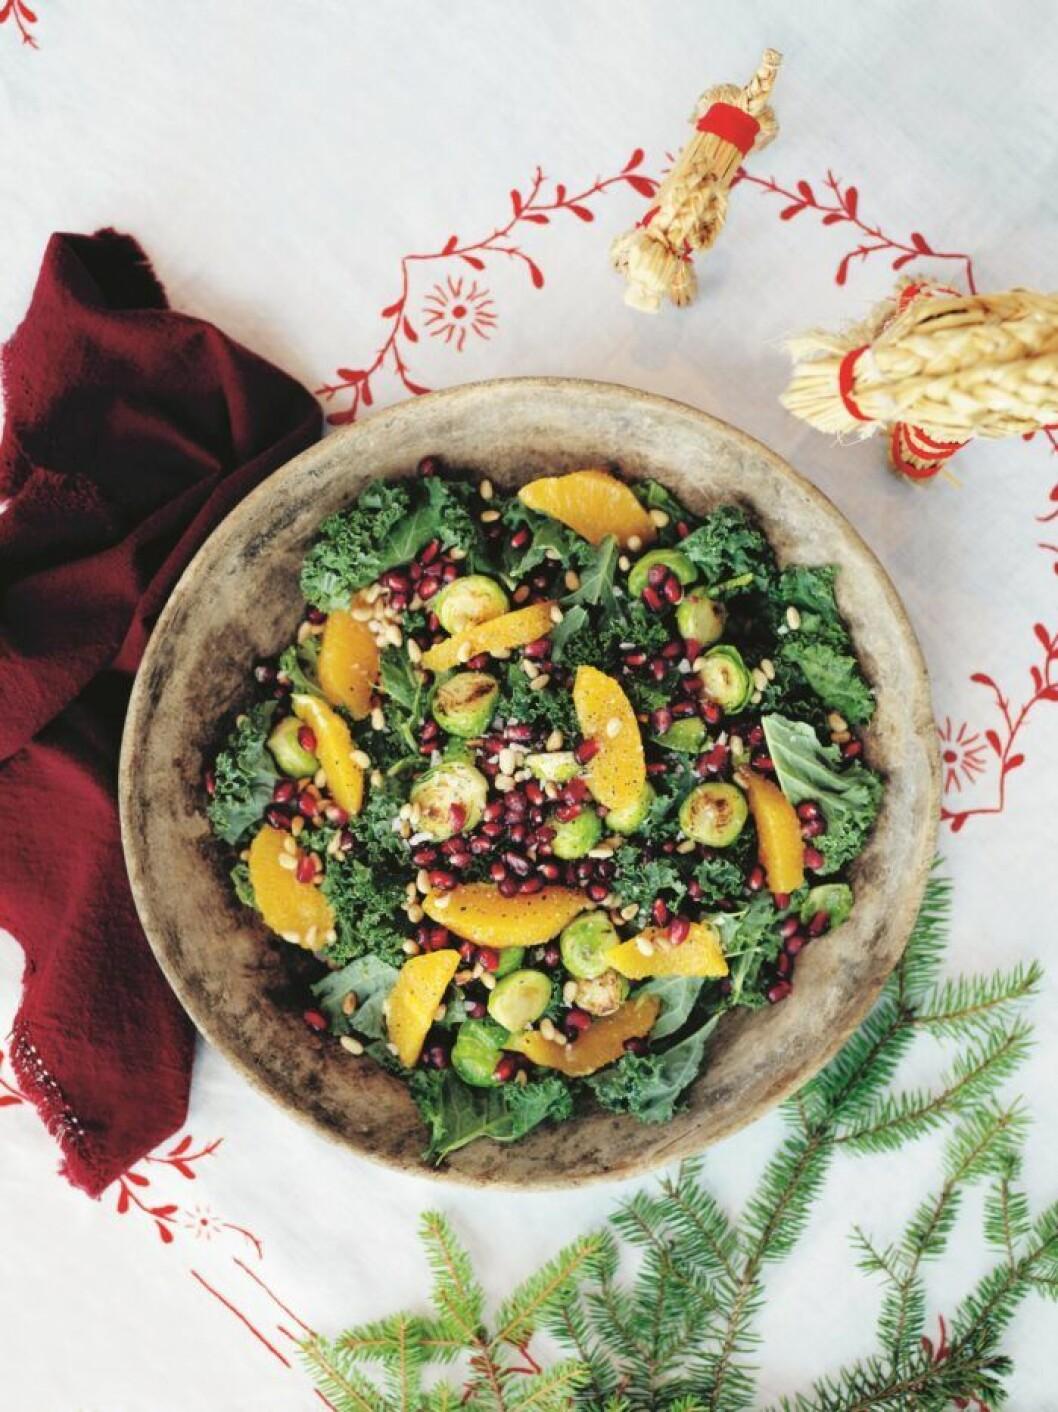 Grönkålsallad med brysselkål, apelsin och granatäpple